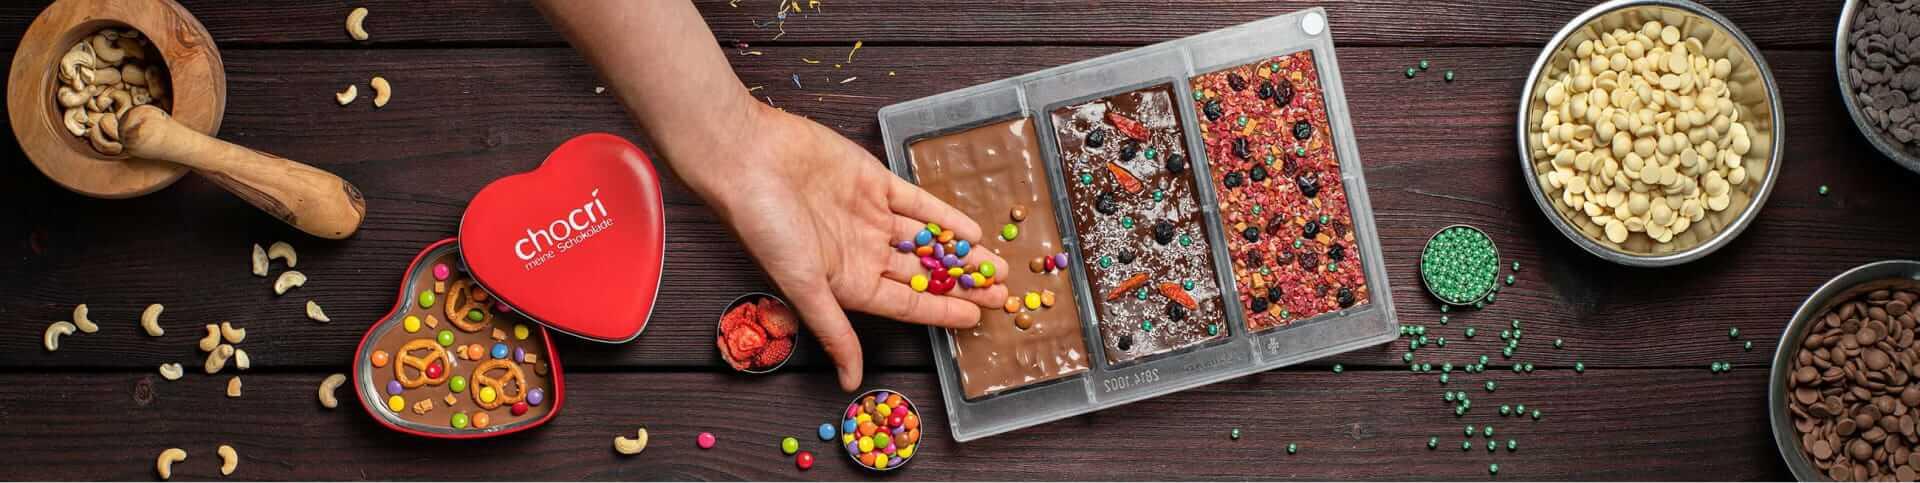 chocri Individuelle Schokolade auf dem Holztisch mit Vollmilch und Zartbitterschokolade zu Weihnachten